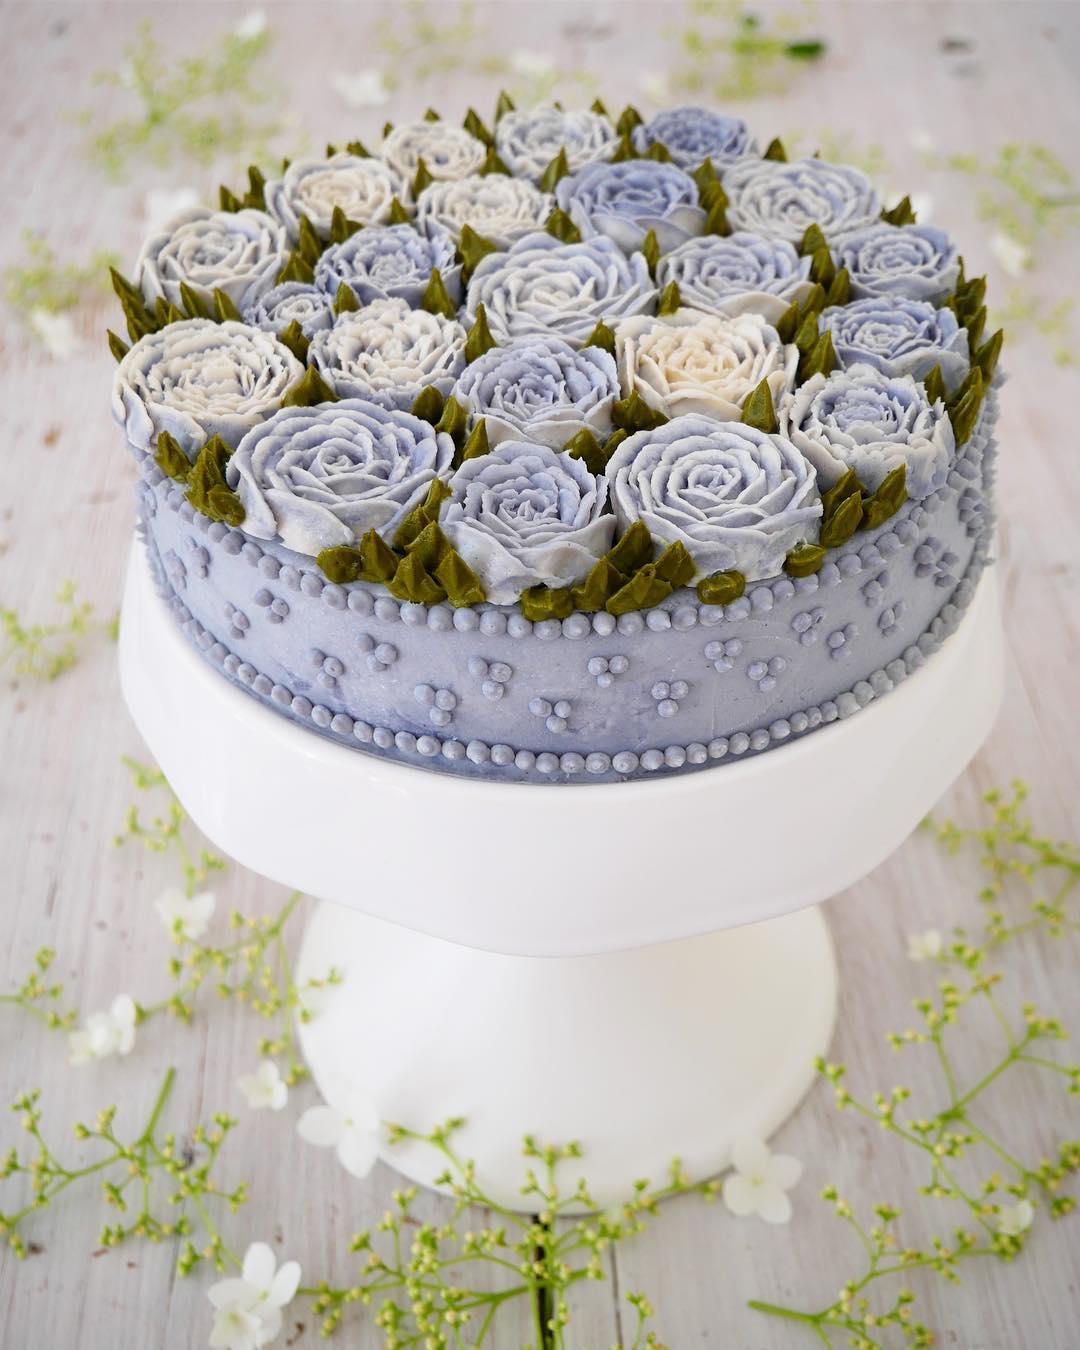 Beautiful & Delicious Vegan Cakes